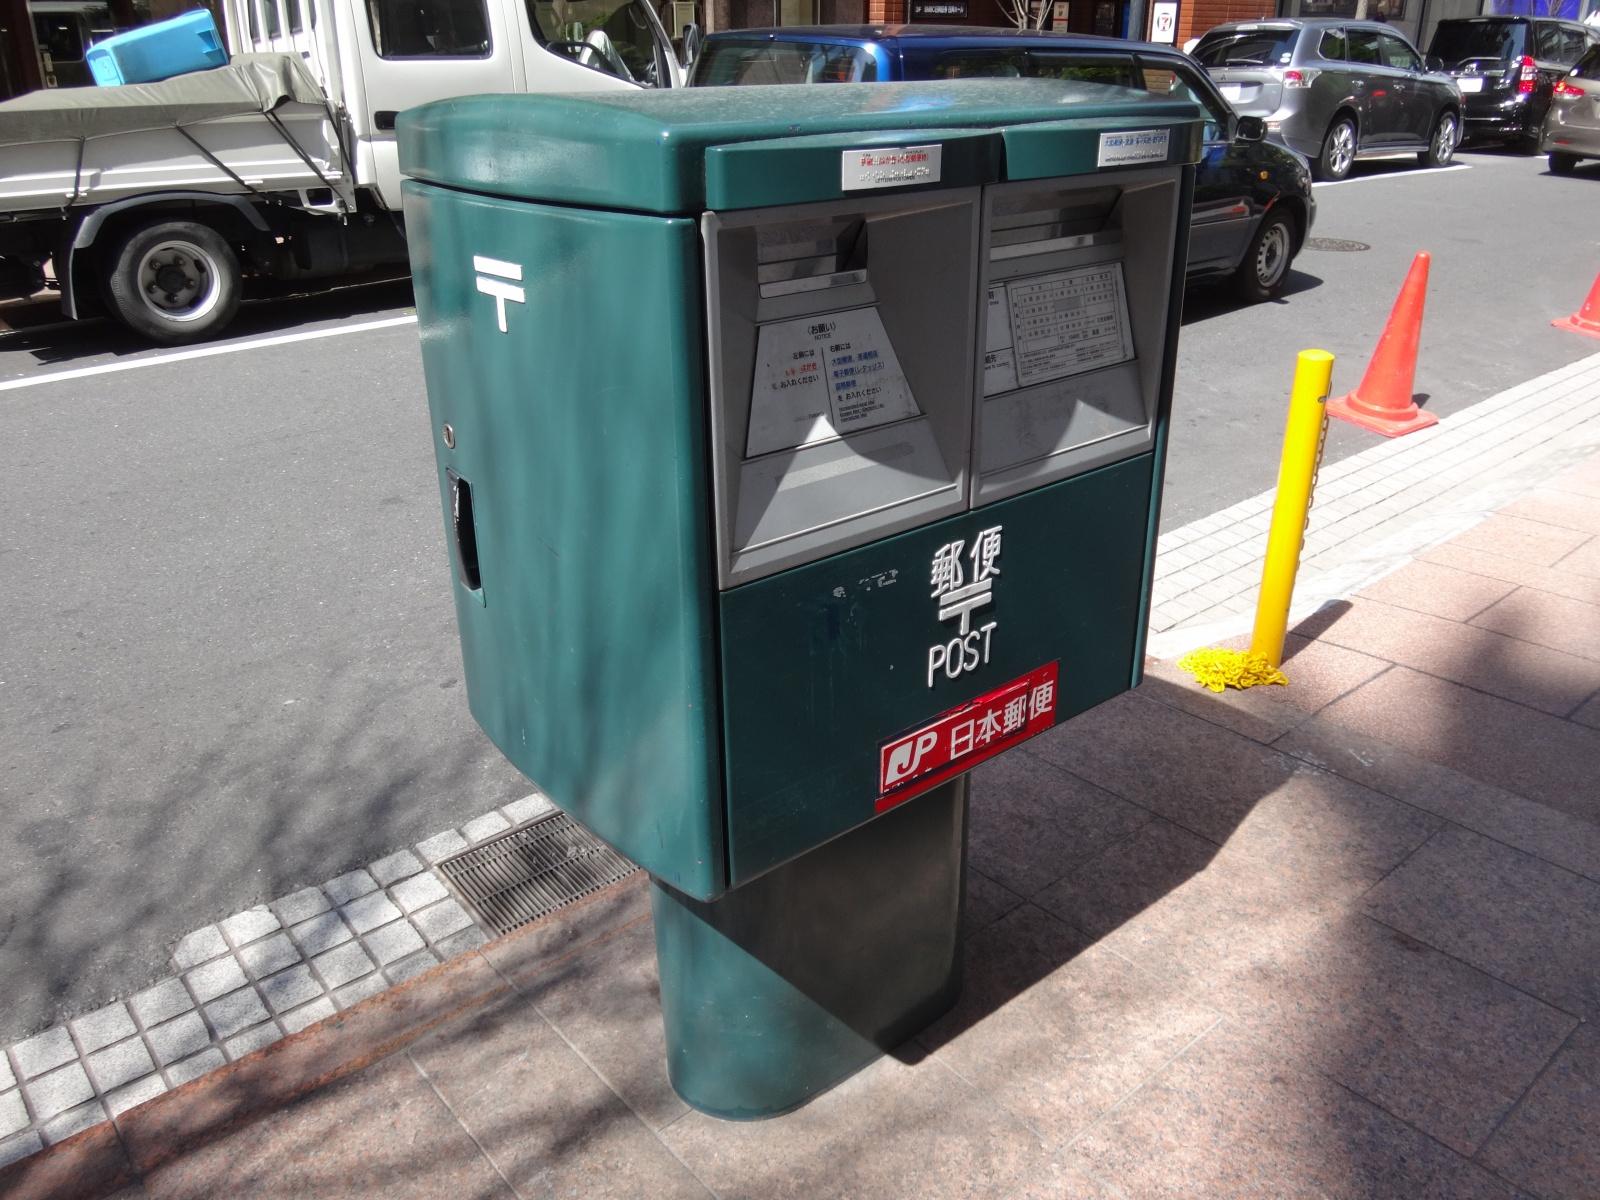 緑色の郵便ポスト